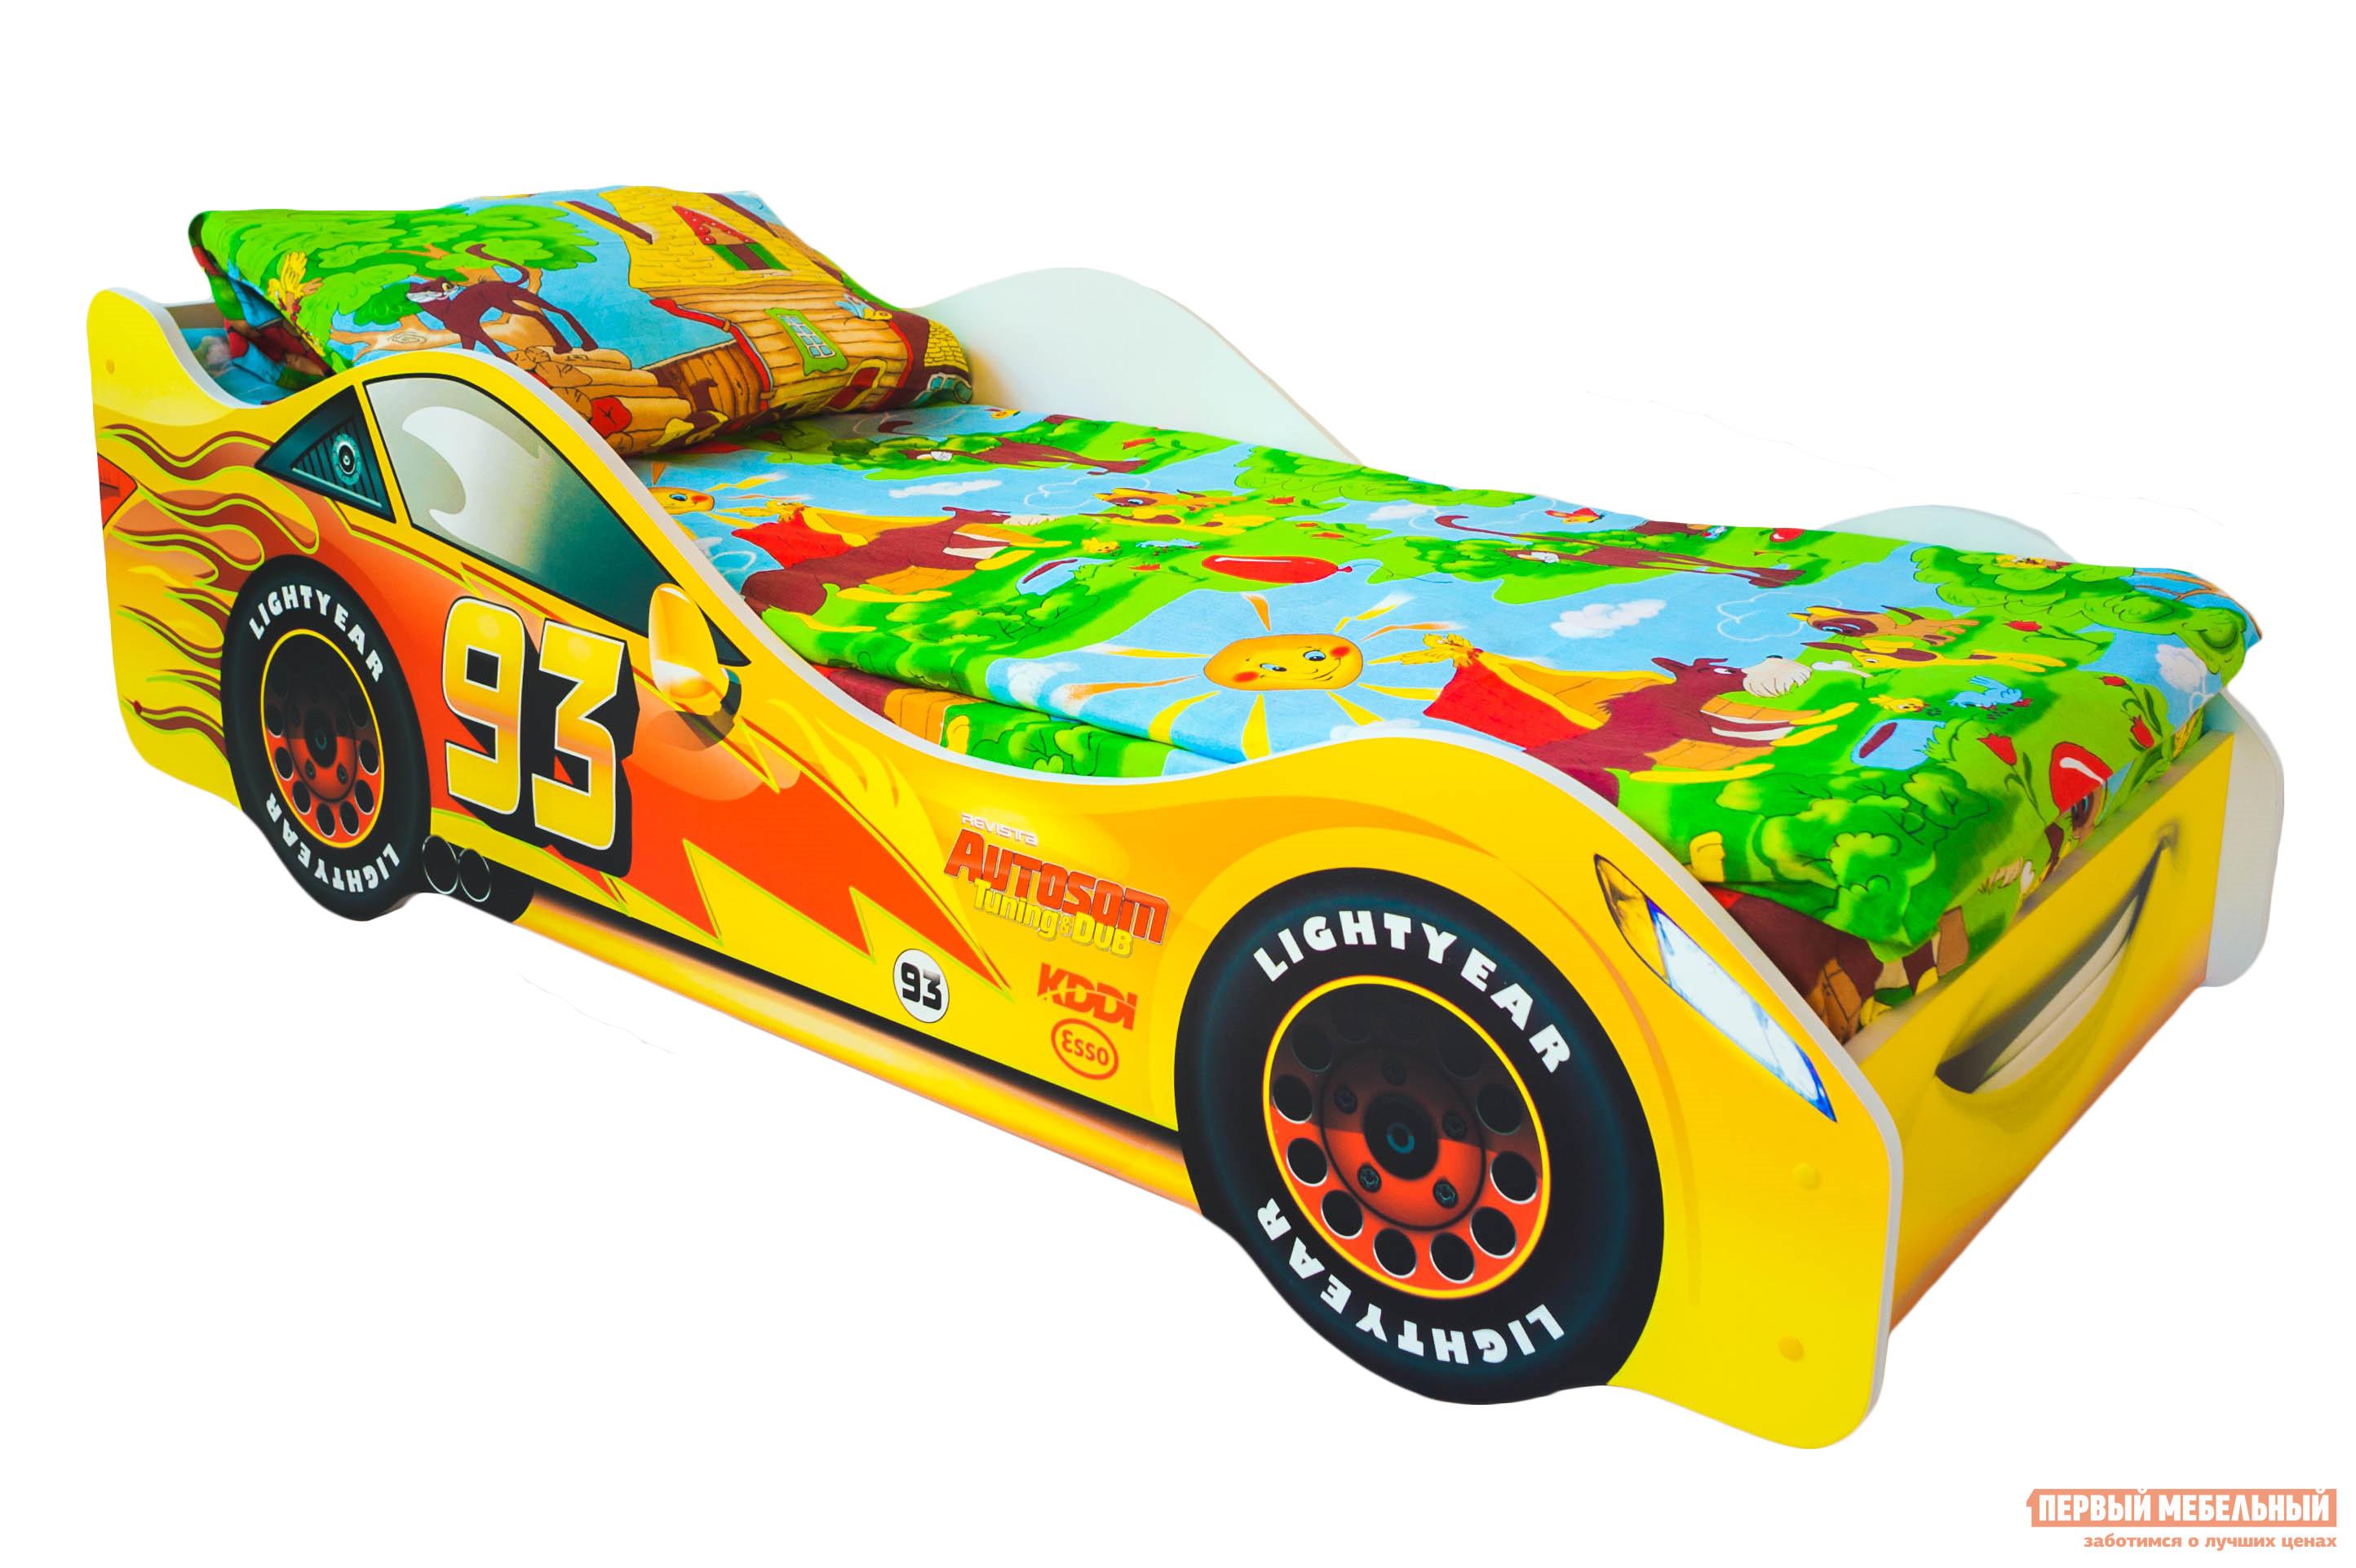 Кровать-машина Бельмарко Тачка Желтый, Без матрасаКровати-машины<br>Габаритные размеры ВхШхГ 500x750x1700 мм. Кроватка, исполненная в виде задорного автомобиля, станет настоящим другом вашего ребенка. Размер спального места составляет 700х1600 мм. Боковые линии кровати позволяют взрослому удобно сидеть, пока ребенок засыпает, при этом малыш никогда не упадет во сне. Модель очень легко собирается в течении 10 минут. Основание под матрас — деревянные прочные латы, выдерживающие нагрузку до 200 кг.  Латы позволяют матрасу «дышать», если он намокнет — достаточно его перевернуть и он высохнет. Материал изготовления — ЛДСП класса E1 с прямой ультрафиолетовой печатью, что обеспечивает долговечность и безопасность в эксплуатации. Обратите внимание! Необходимо выбрать комплектацию: с матрасом или без. Также вы можете дополнительно заказать светодиодную подсветку дна кровати и пластиковые объемные колеса, с которыми вы можете более подробно ознакомиться во вкладке «Аксессуары».<br><br>Цвет: Желтый<br>Цвет: Желтый<br>Высота мм: 500<br>Ширина мм: 750<br>Глубина мм: 1700<br>Кол-во упаковок: 2<br>Форма поставки: В разобранном виде<br>Срок гарантии: 1 год<br>Материал: Деревянные, из ЛДСП<br>Особенности: С бортиками, С колесами, С матрасом, С подсветкой<br>Возраст: От 3-х лет<br>Модель: Гонка<br>Пол: Для мальчиков